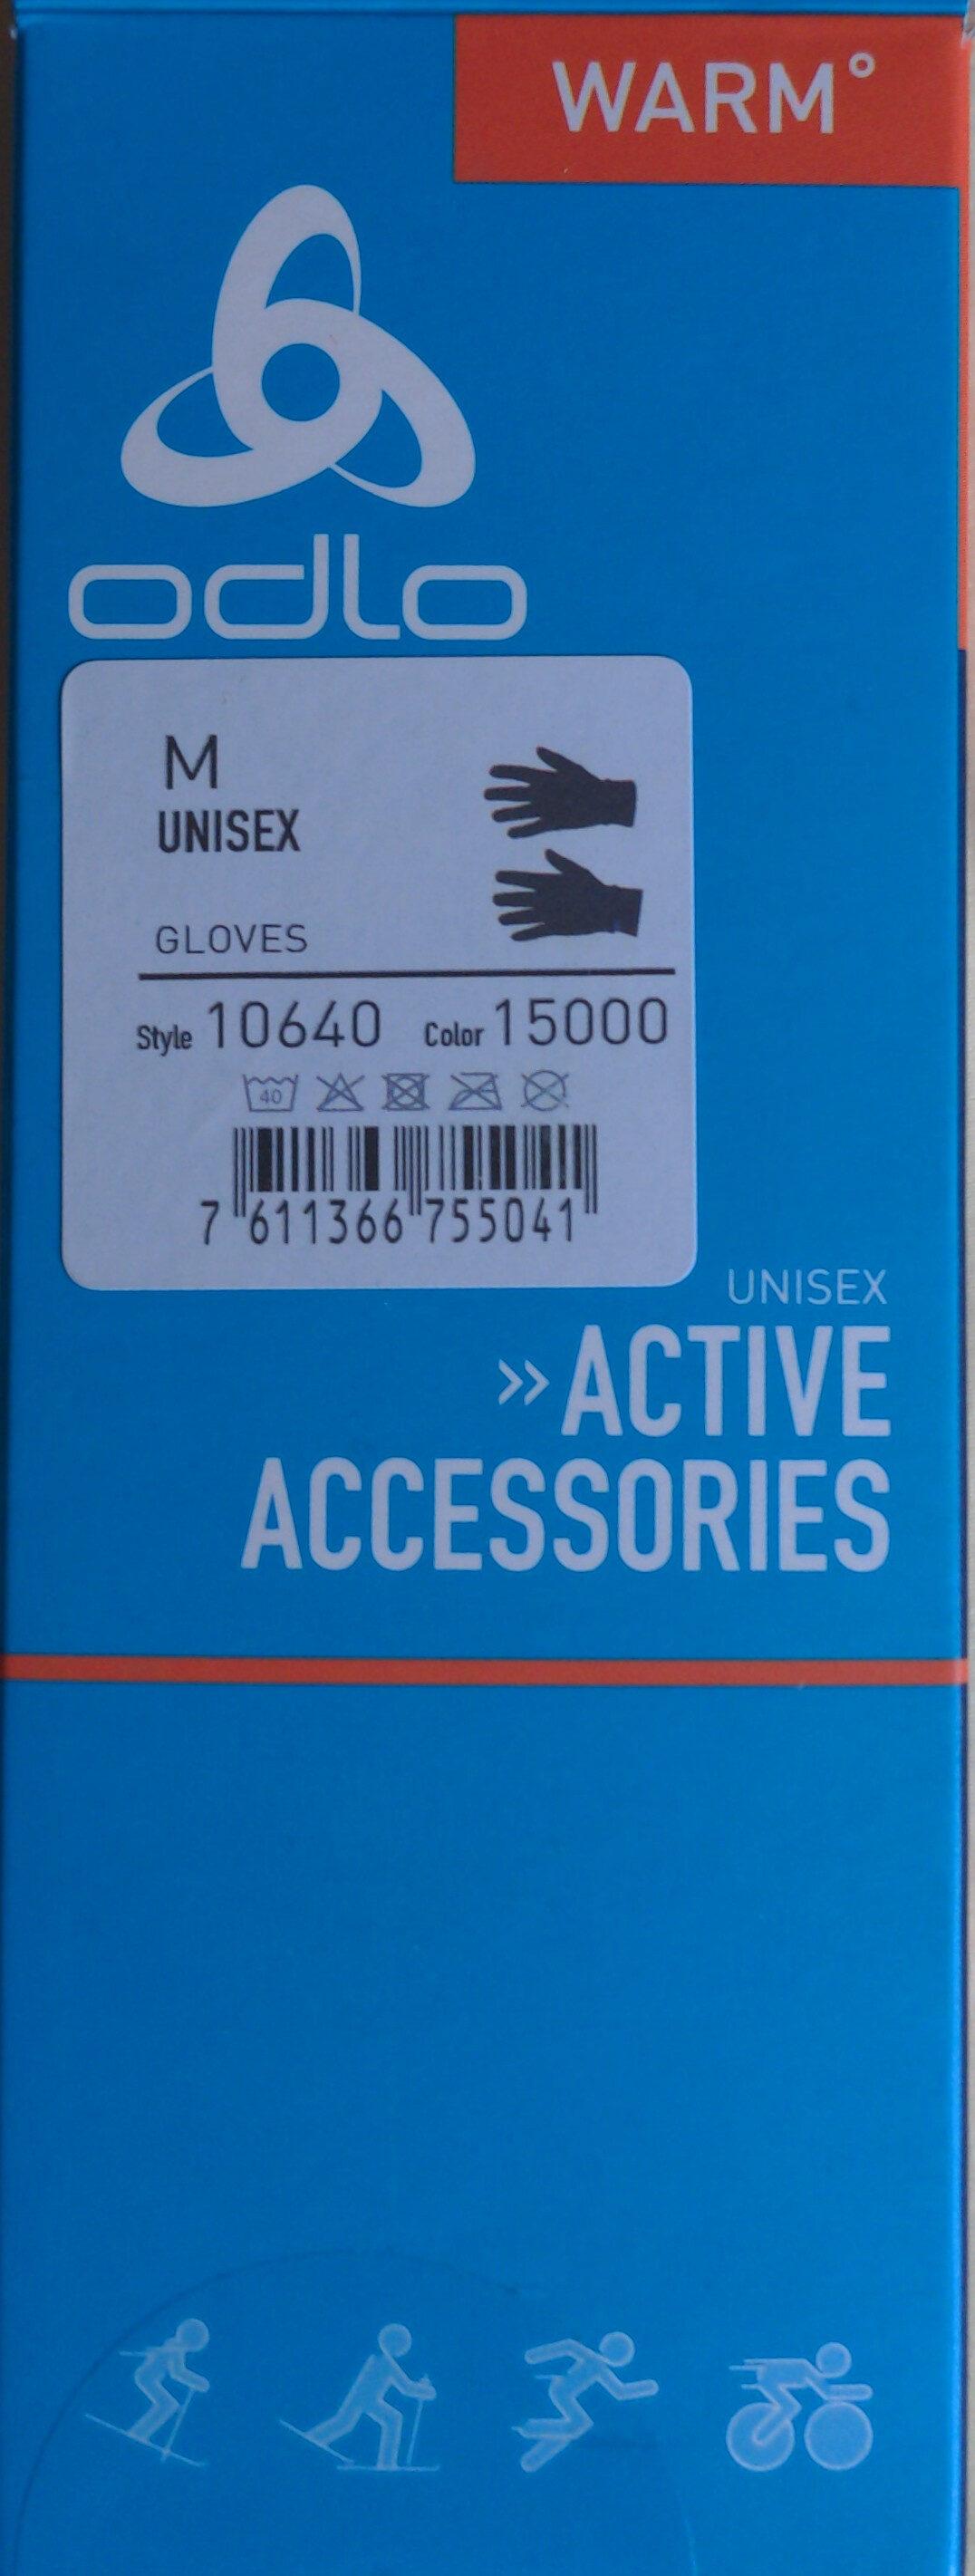 Active accessories - Produit - en